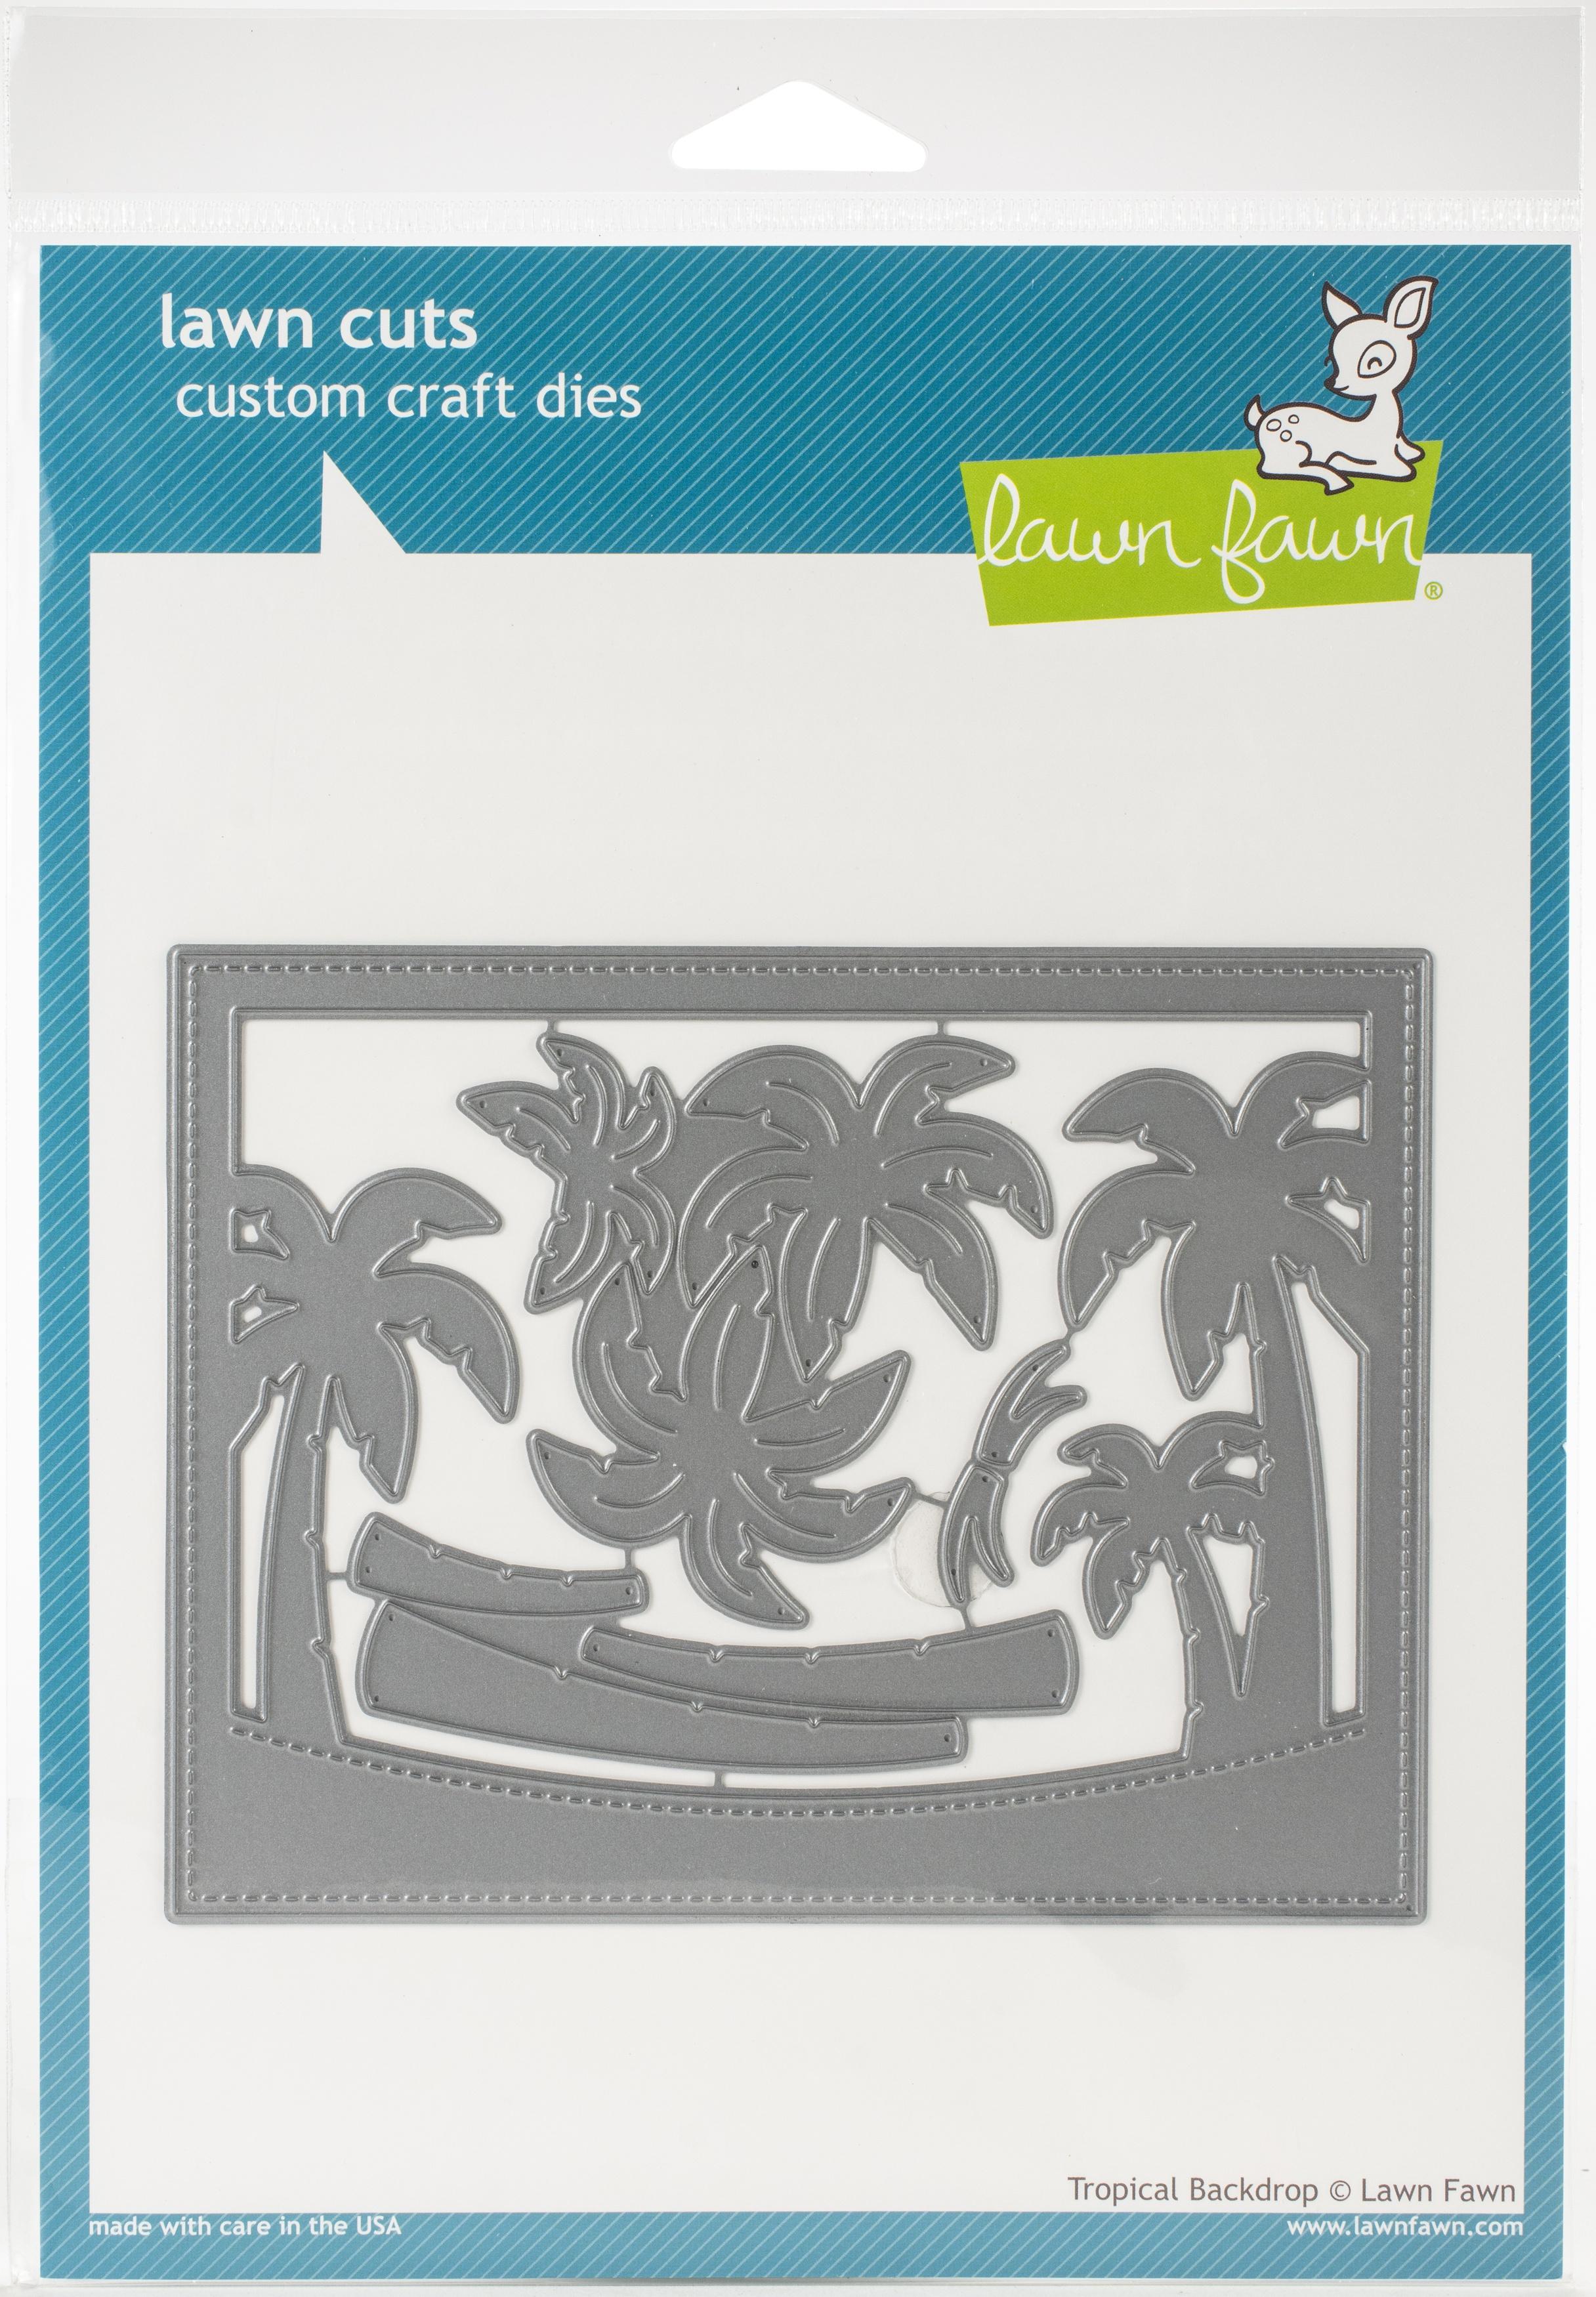 Lawn Cuts Custom Craft Die-Tropical Backdrop